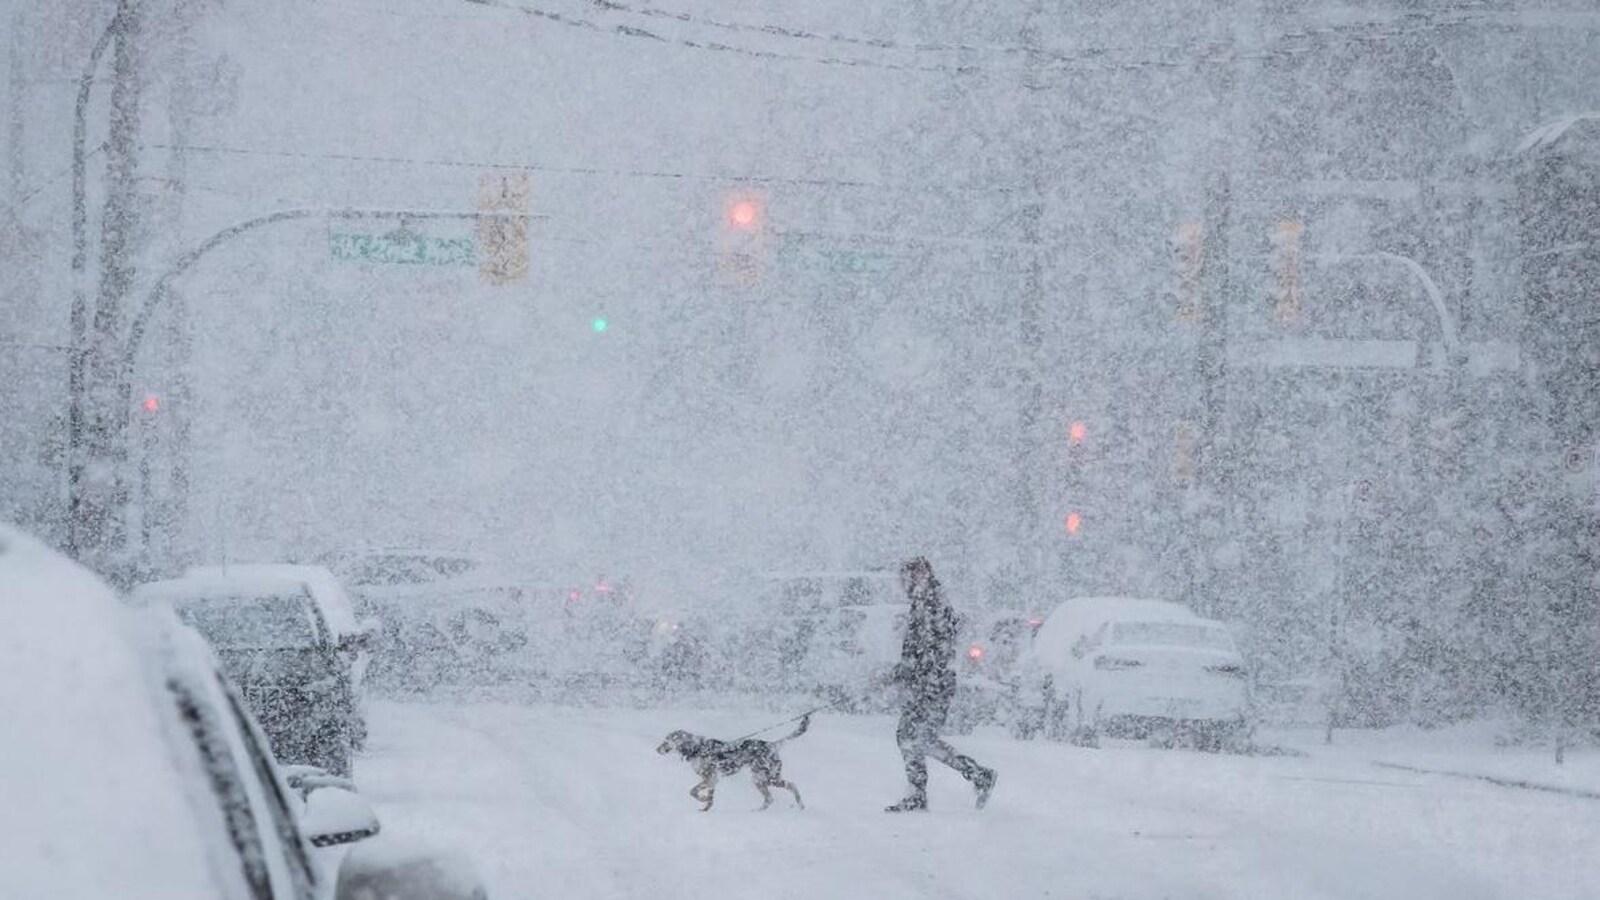 Un homme traverse une rue avec son chien dans une tempête de neige.